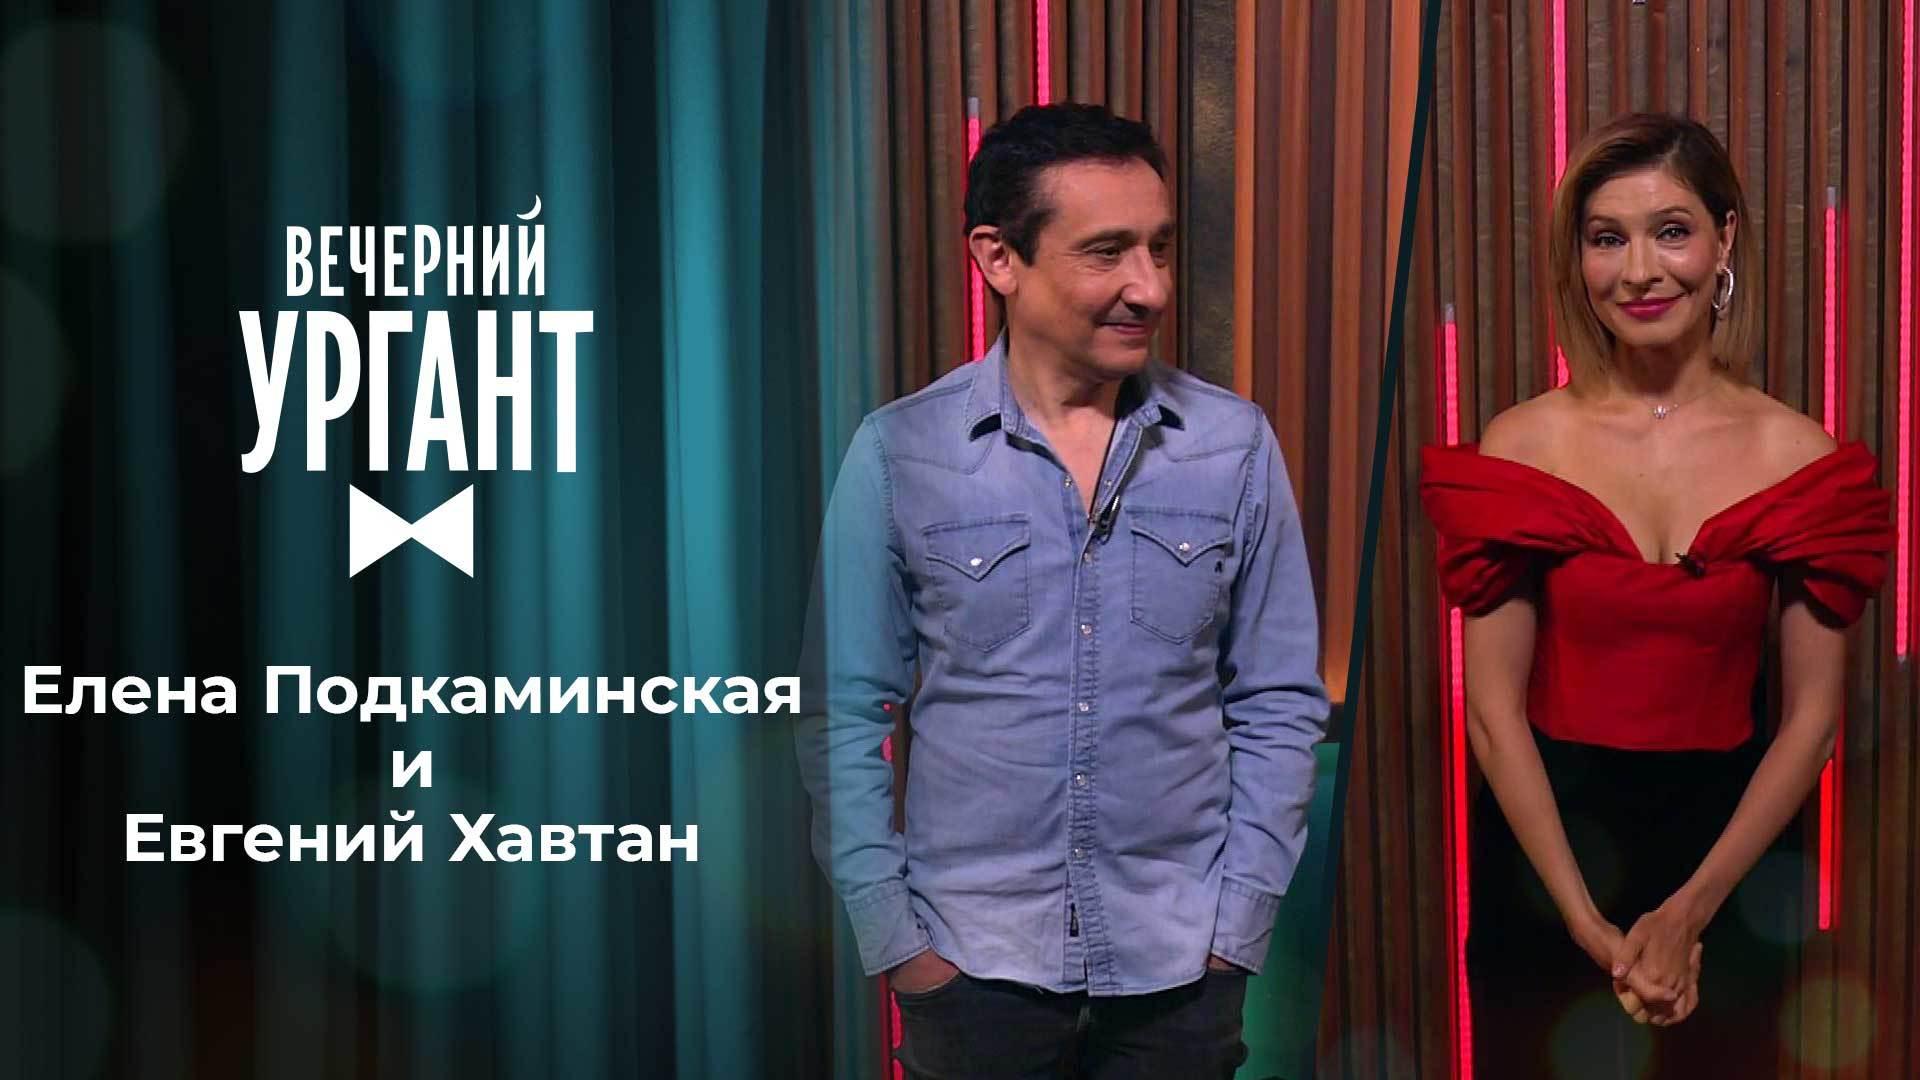 «Вечерний Ургант». Елена Подкаминская иЕвгений Хавтан